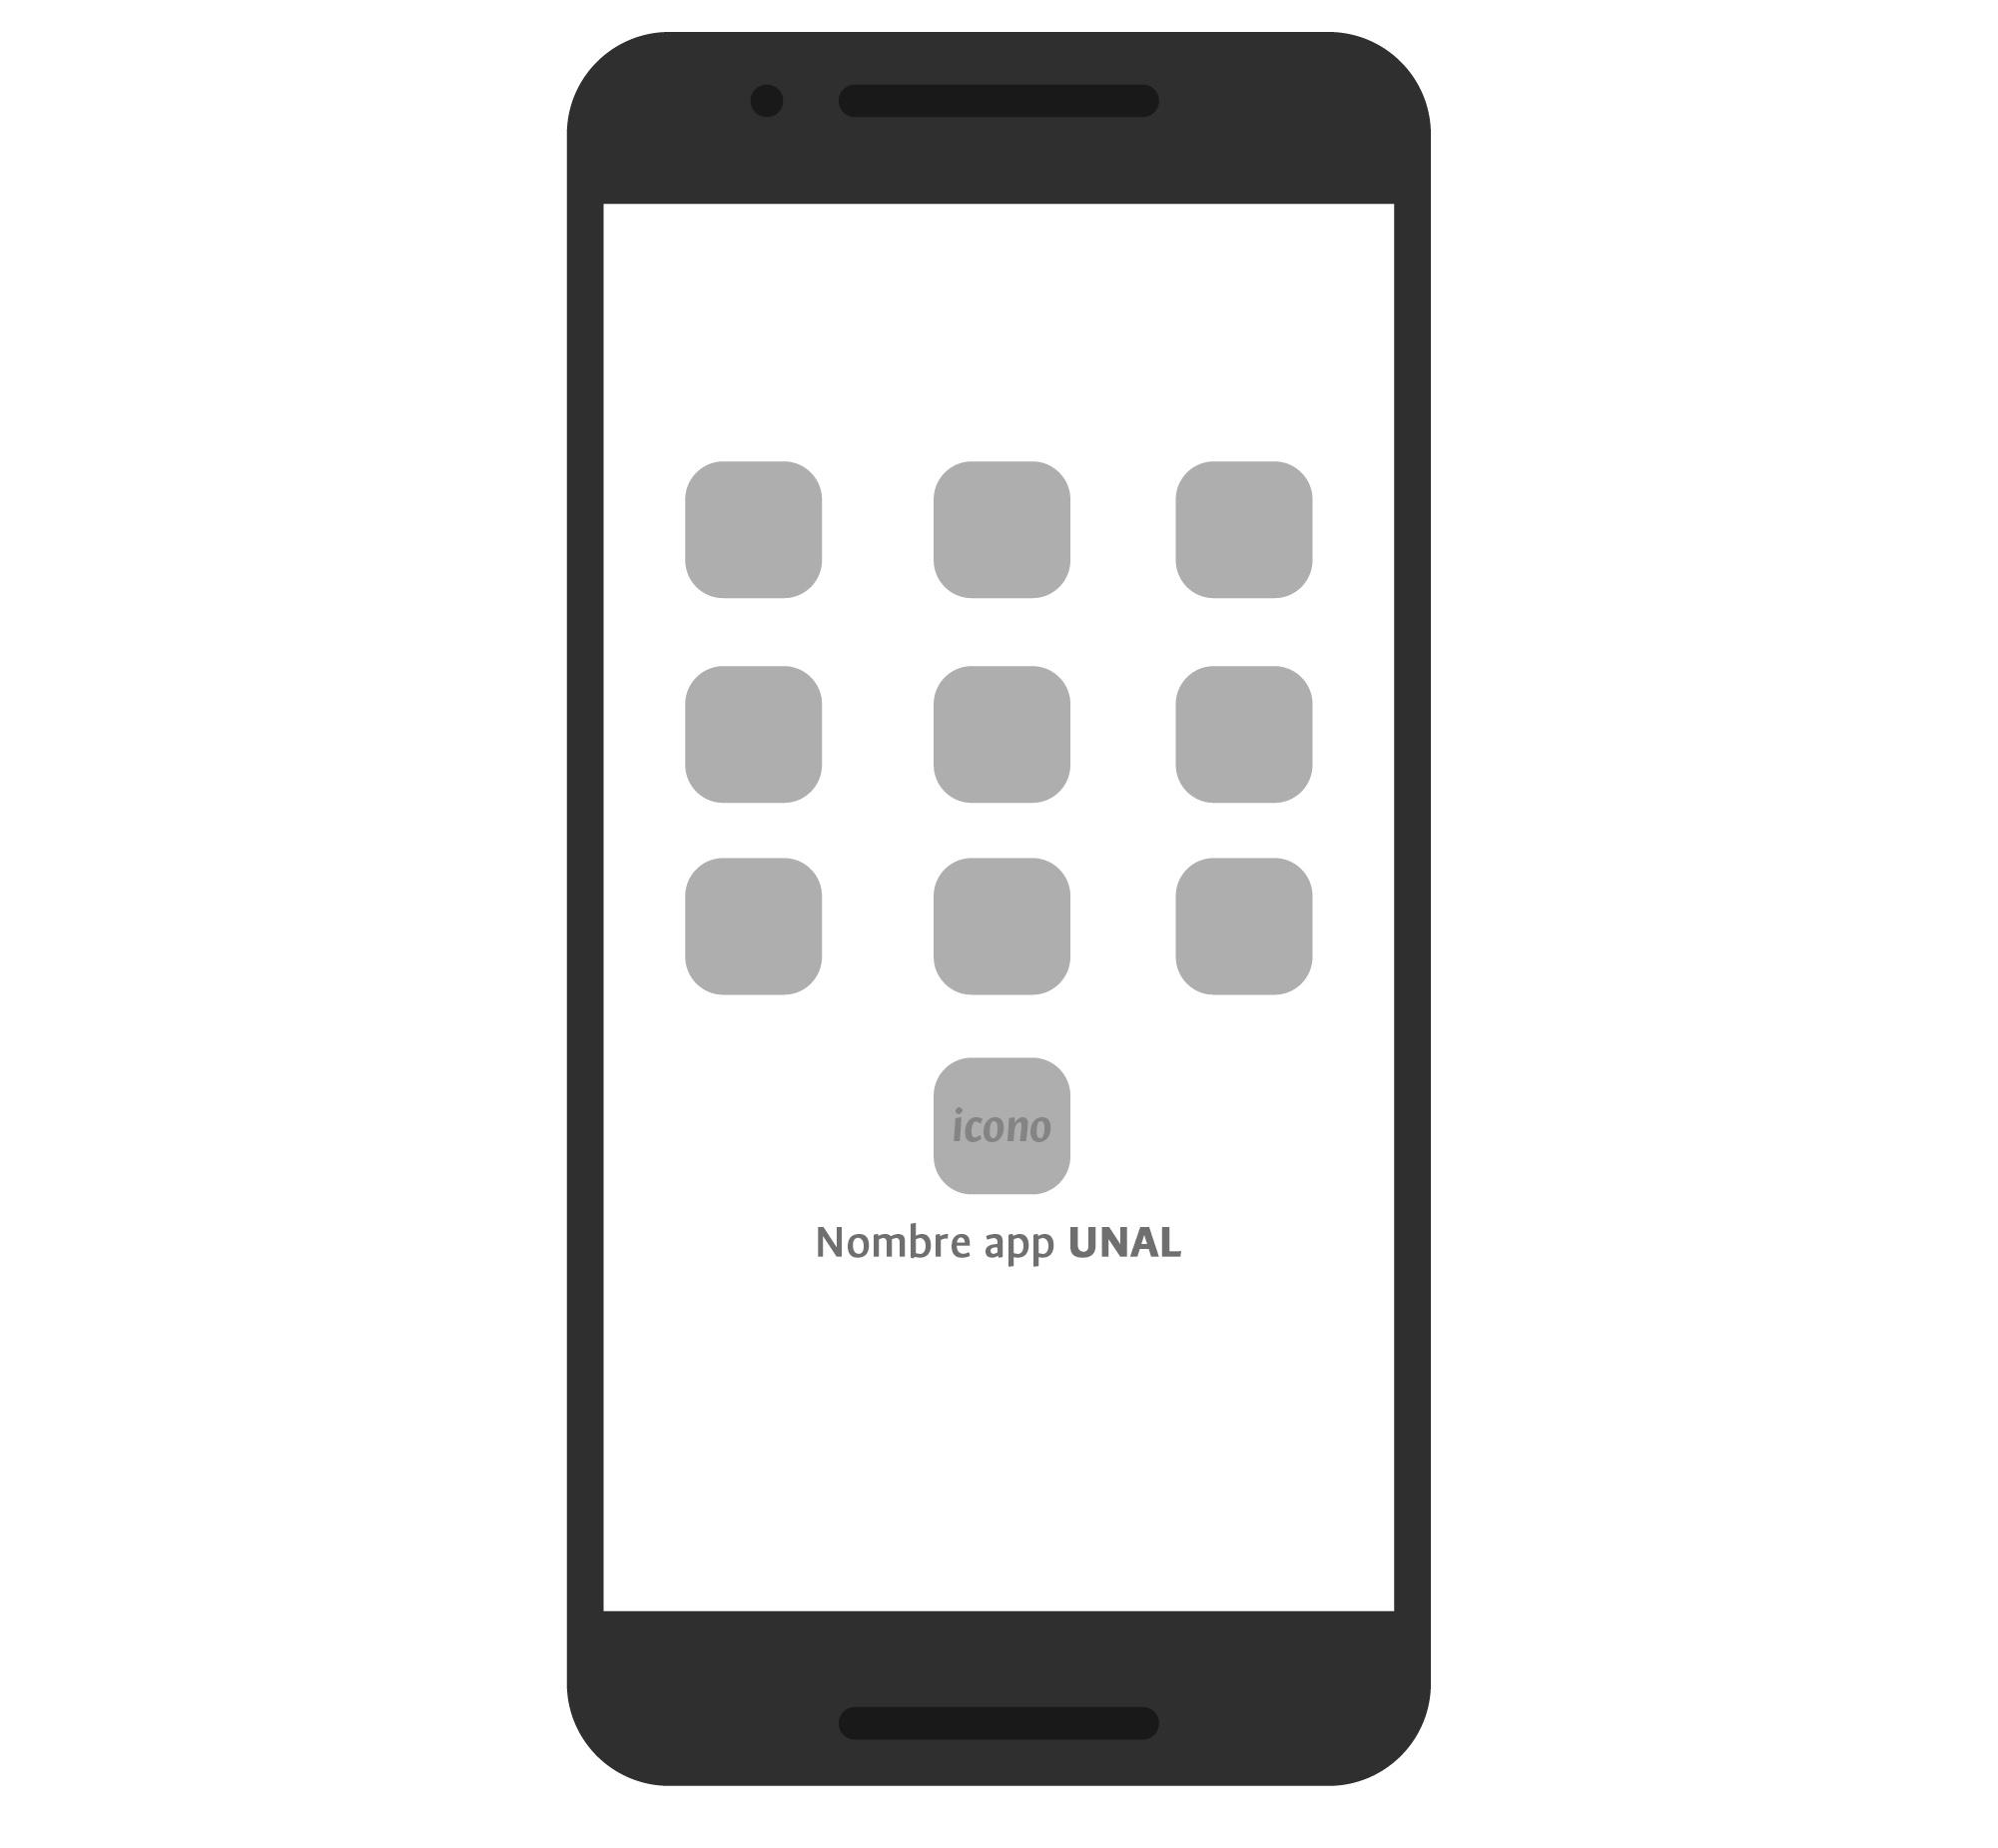 Manejo del nombre de la app con UNAL e ícono